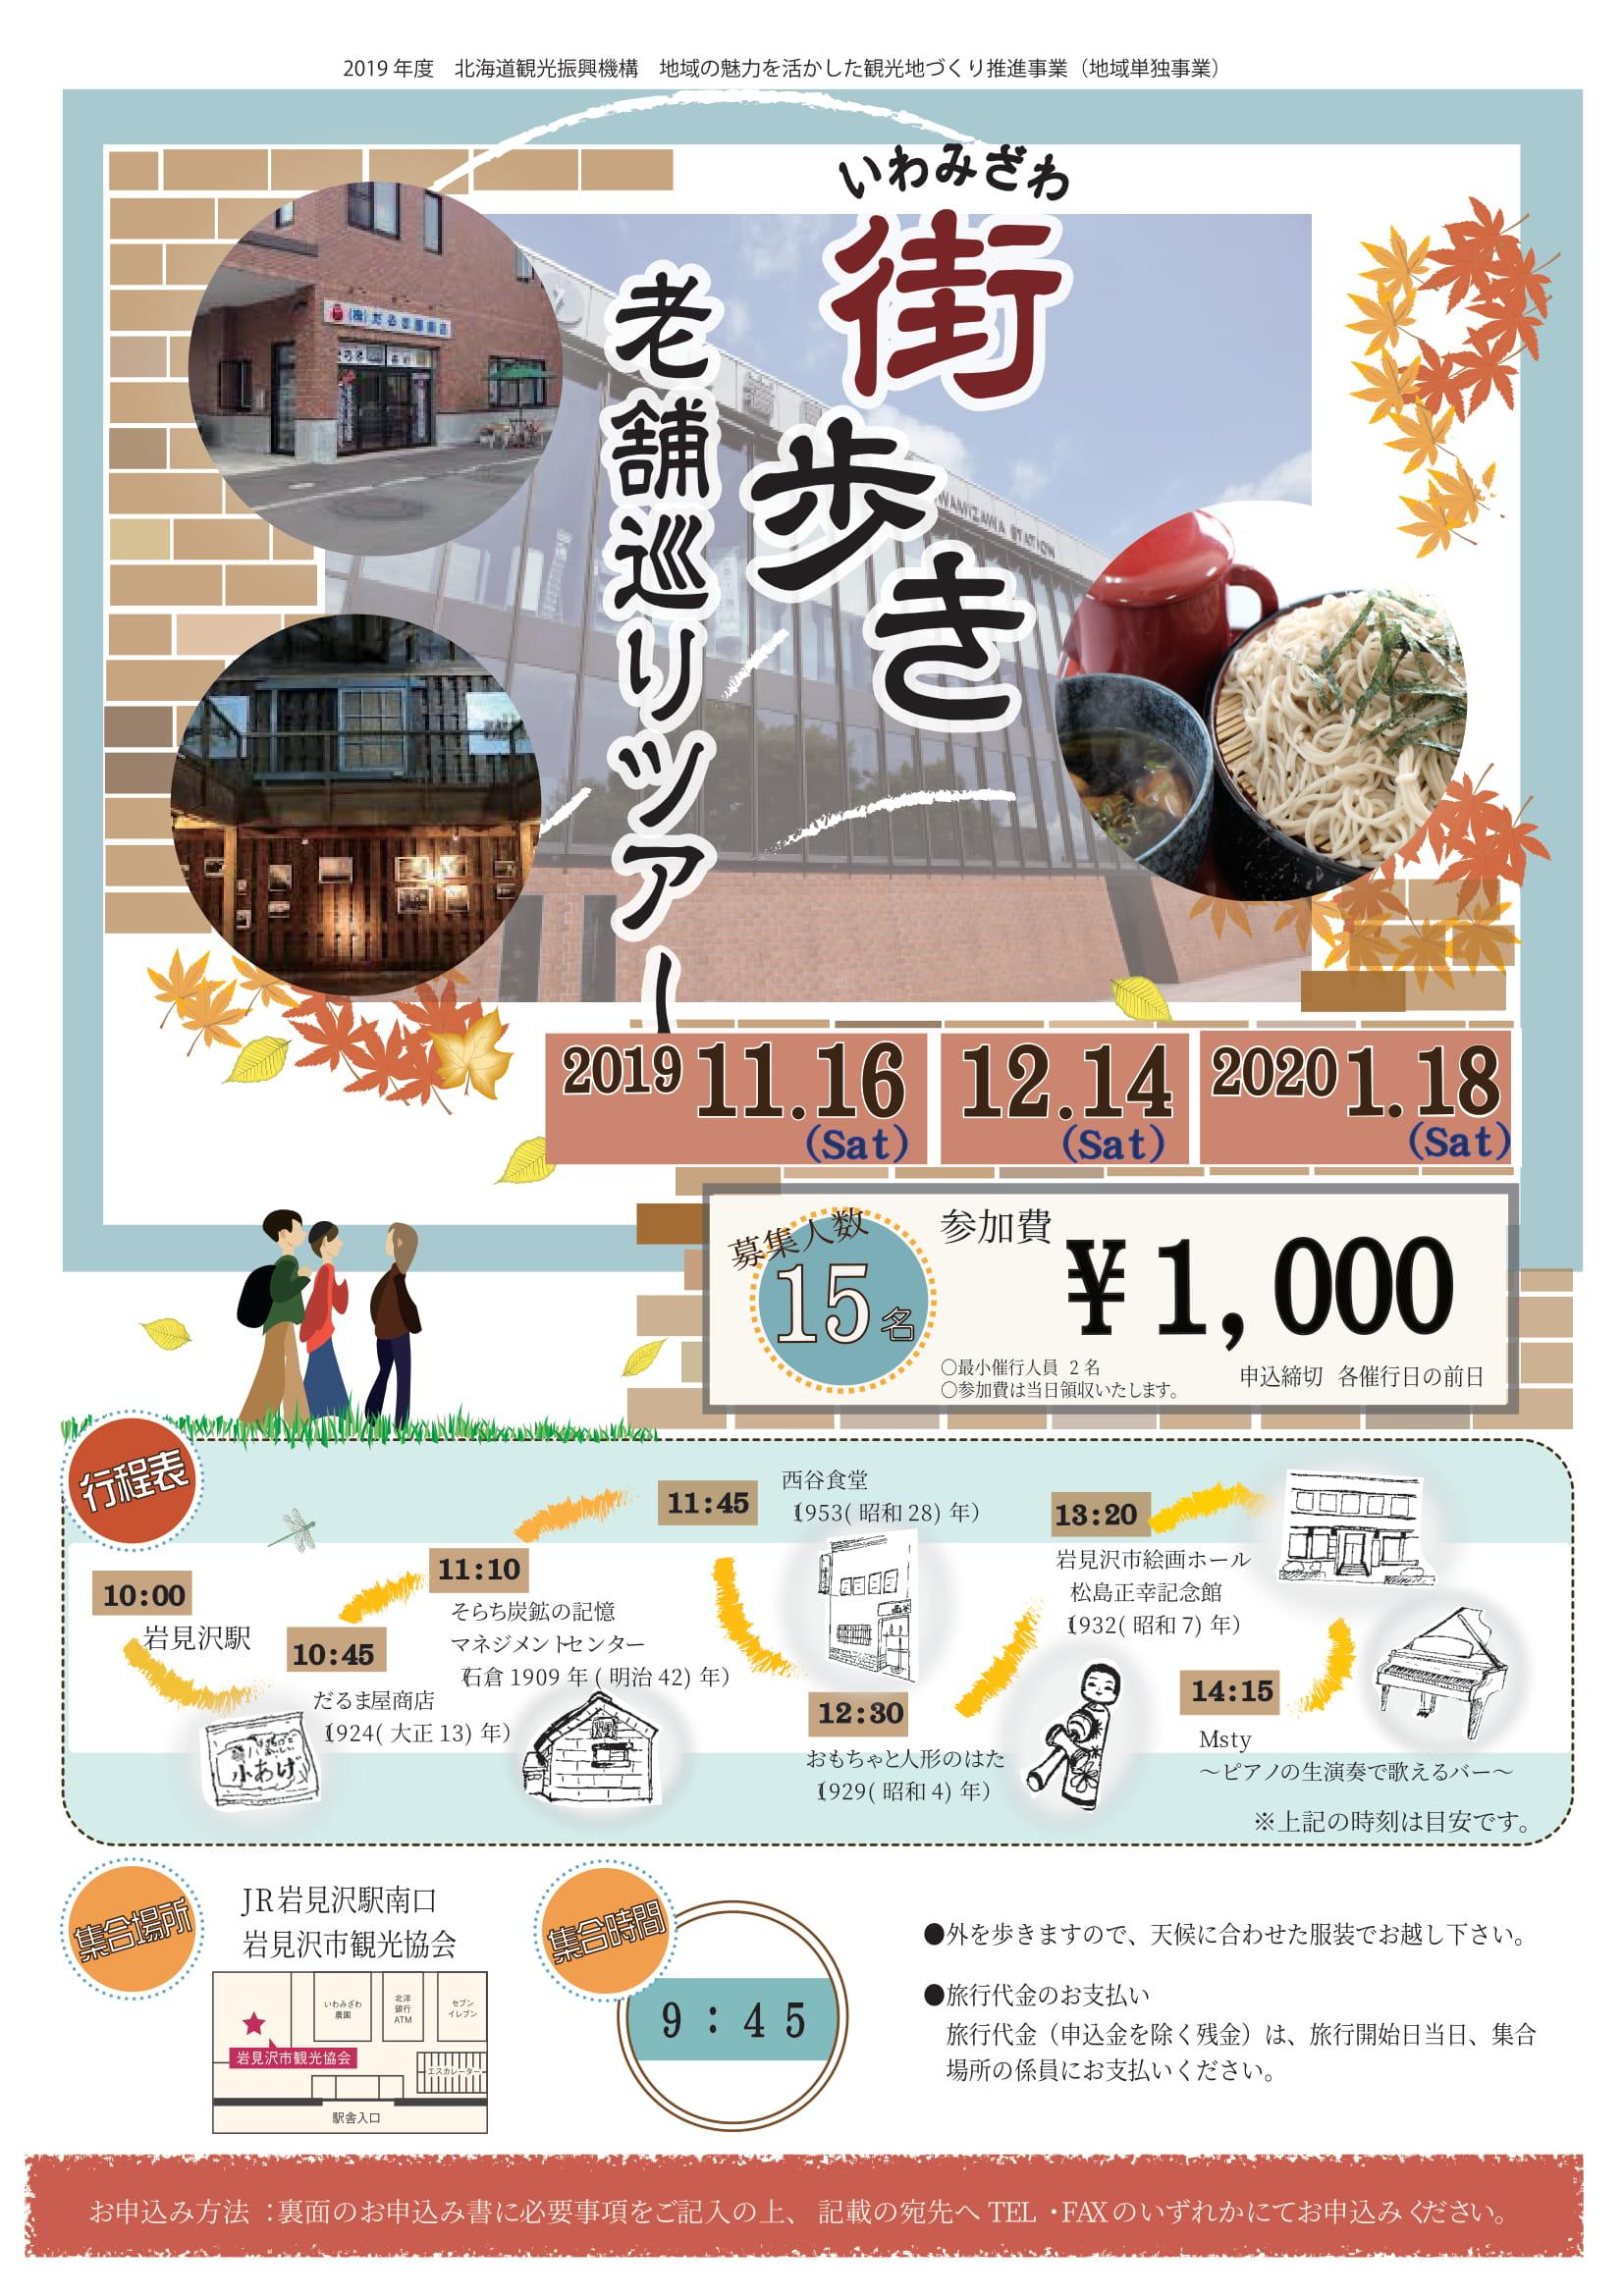 【パンフ】街歩き老舗巡りツアー(Japanese)2019.12.15-1